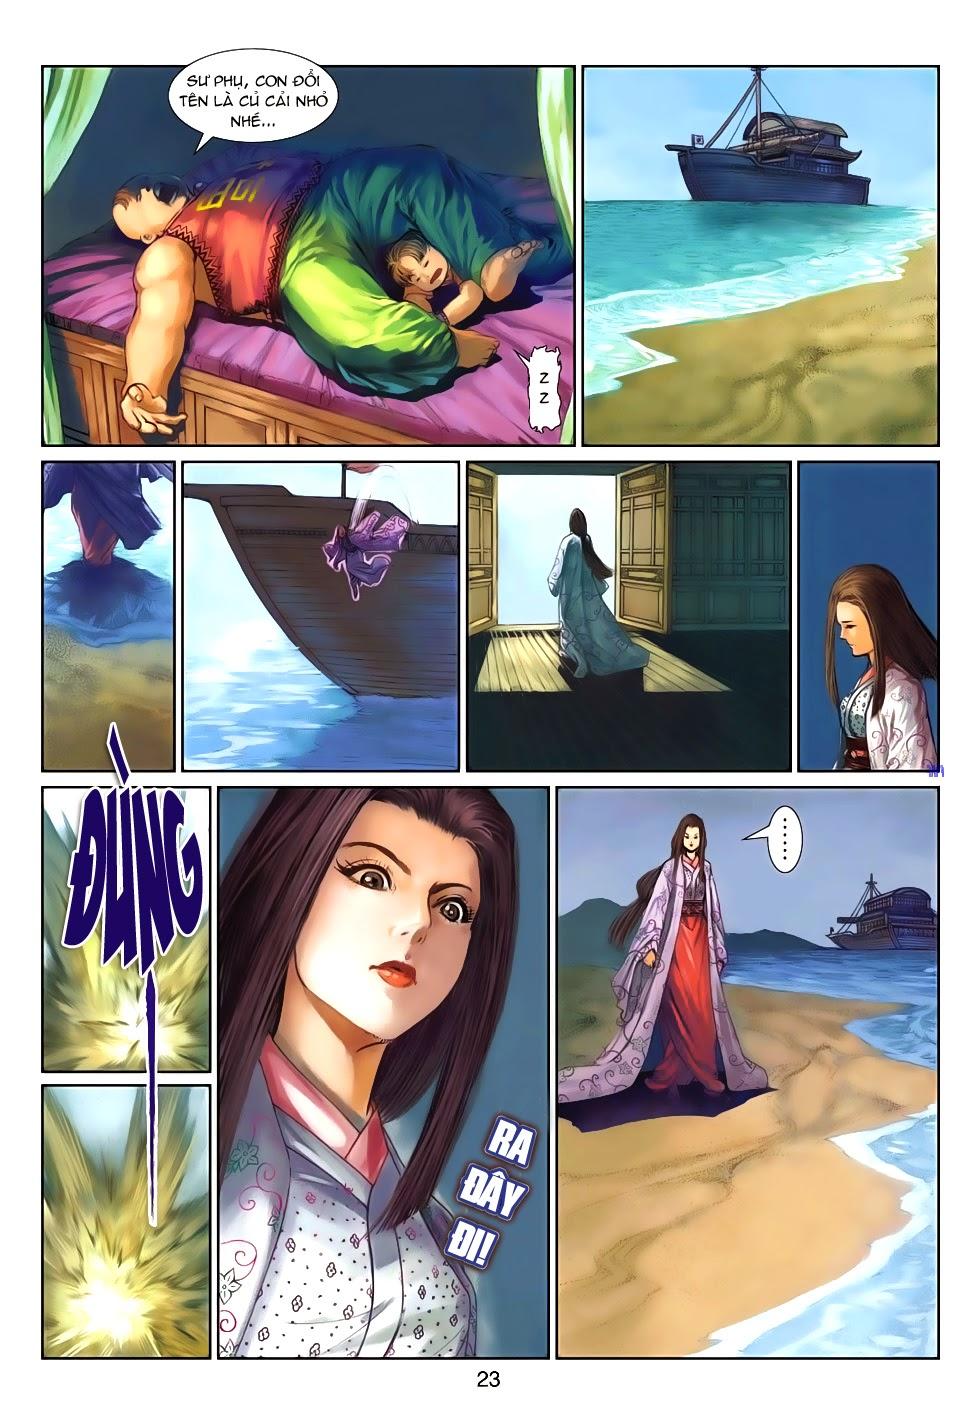 Thần Binh Tiền Truyện 4 - Huyền Thiên Tà Đế chap 9 - Trang 23